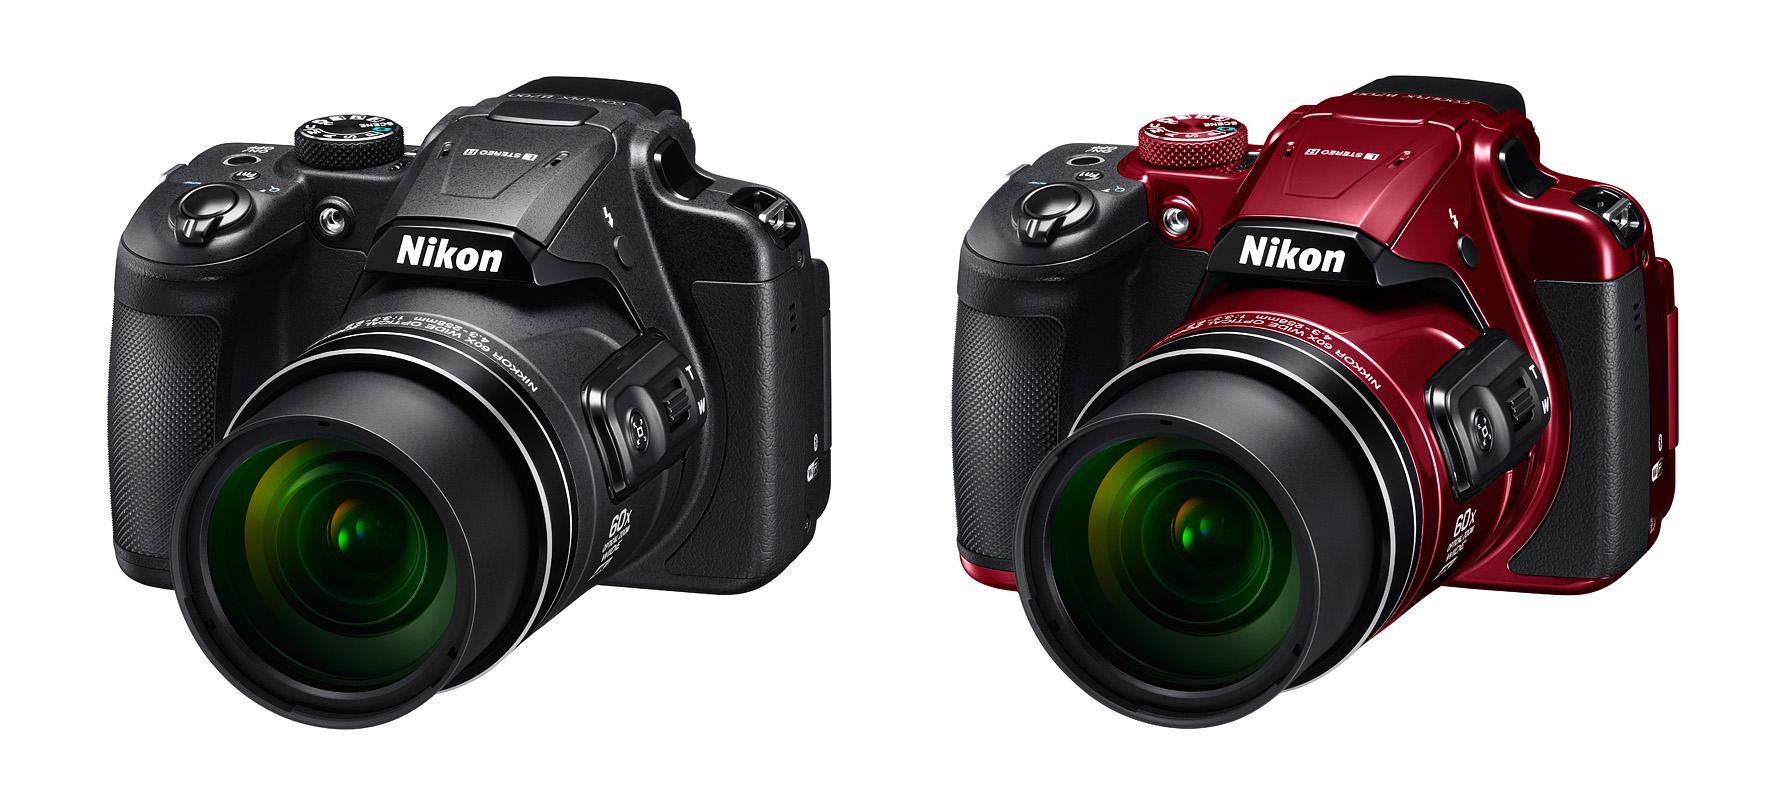 Celočerný nebo kombinace červené a černé? Který Nikon Coolpix B700 se vám líbí více?